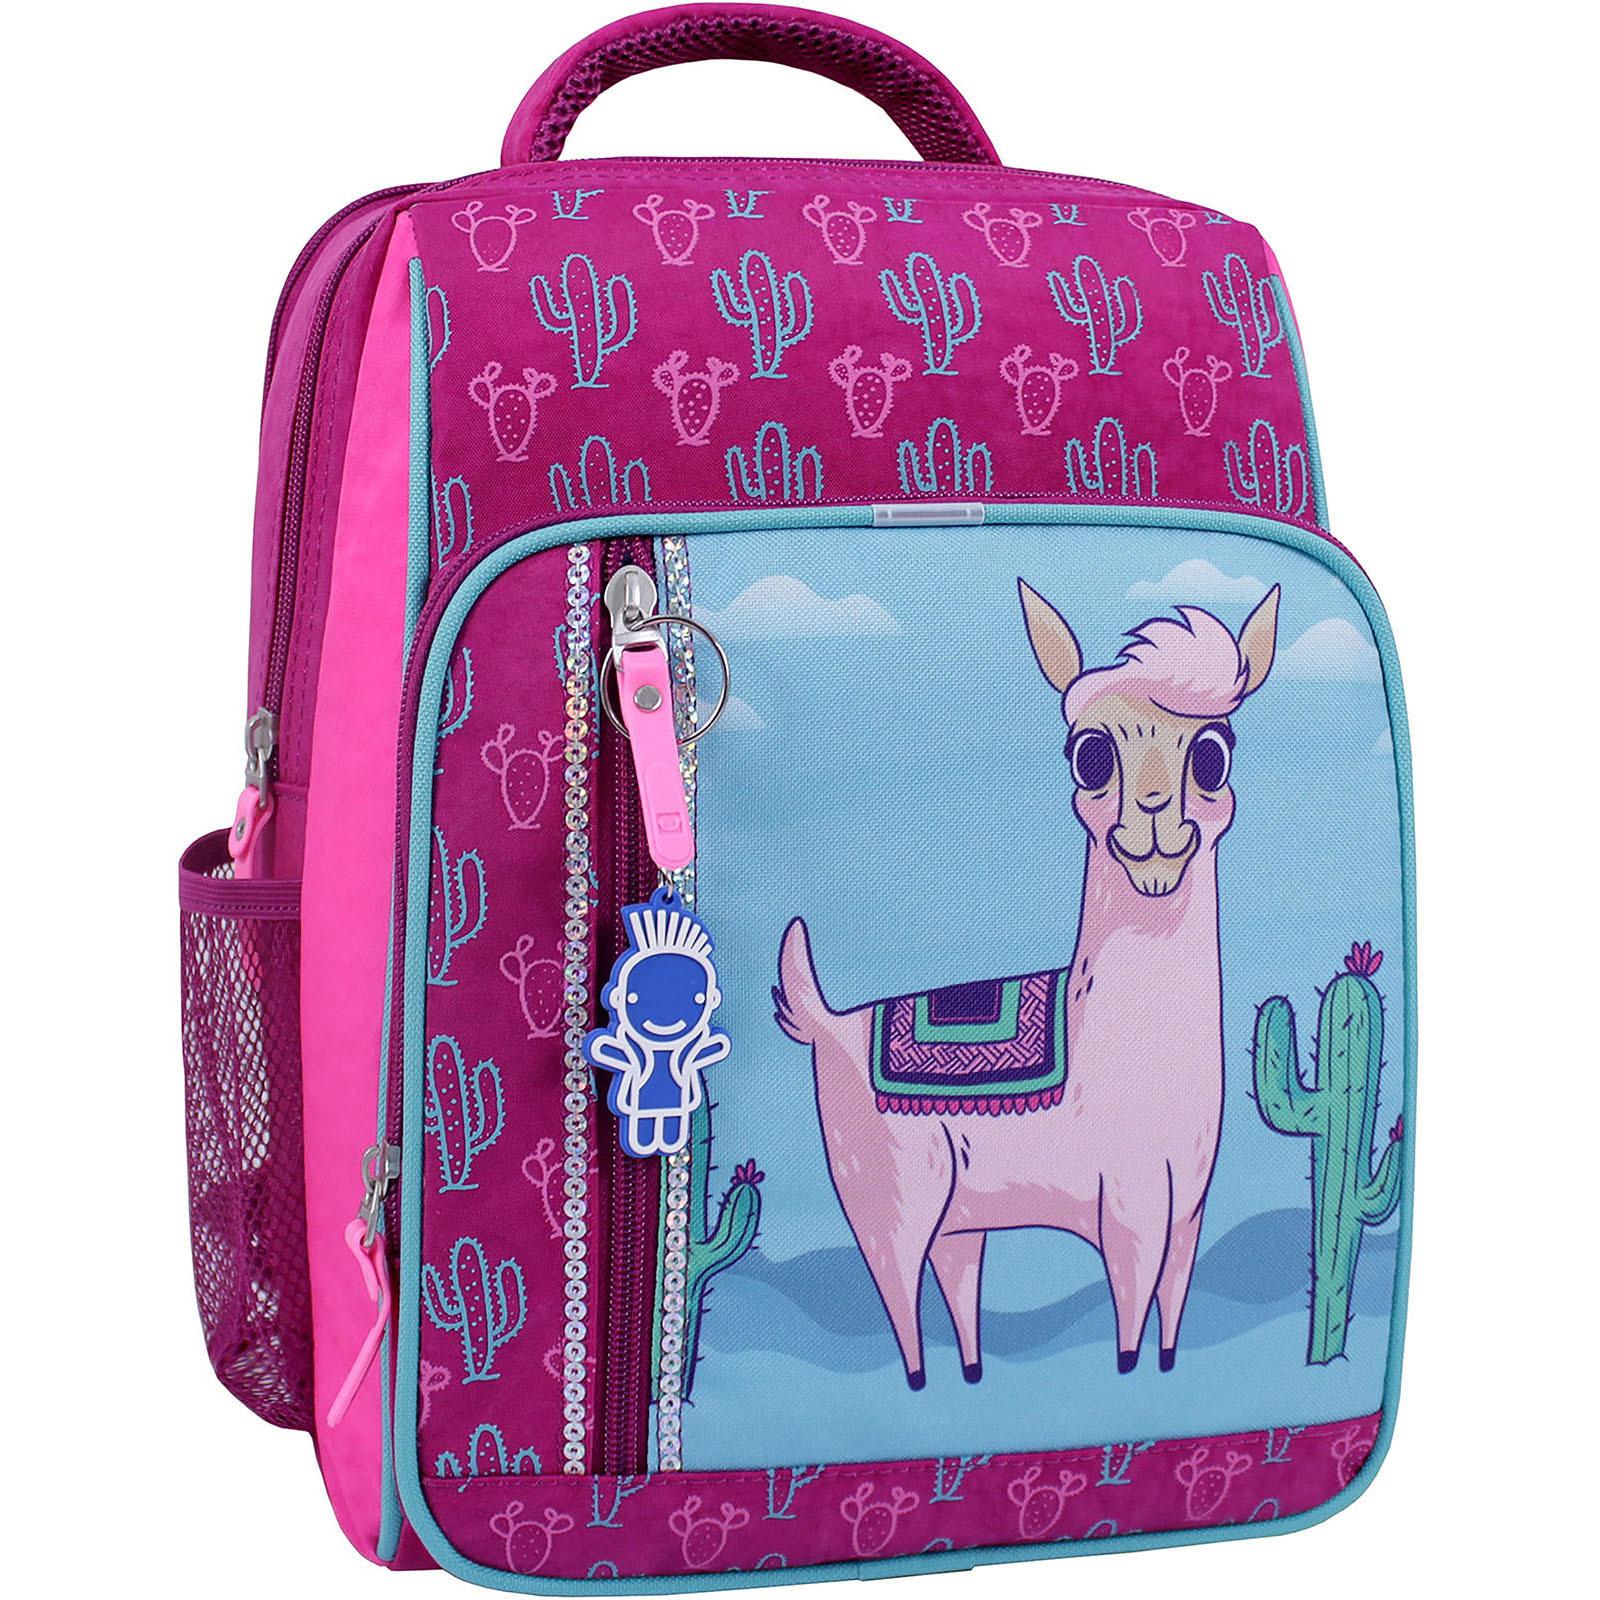 Рюкзак школьный Bagland Школьник 8 л. 143 малина 617 (00112702) фото 1